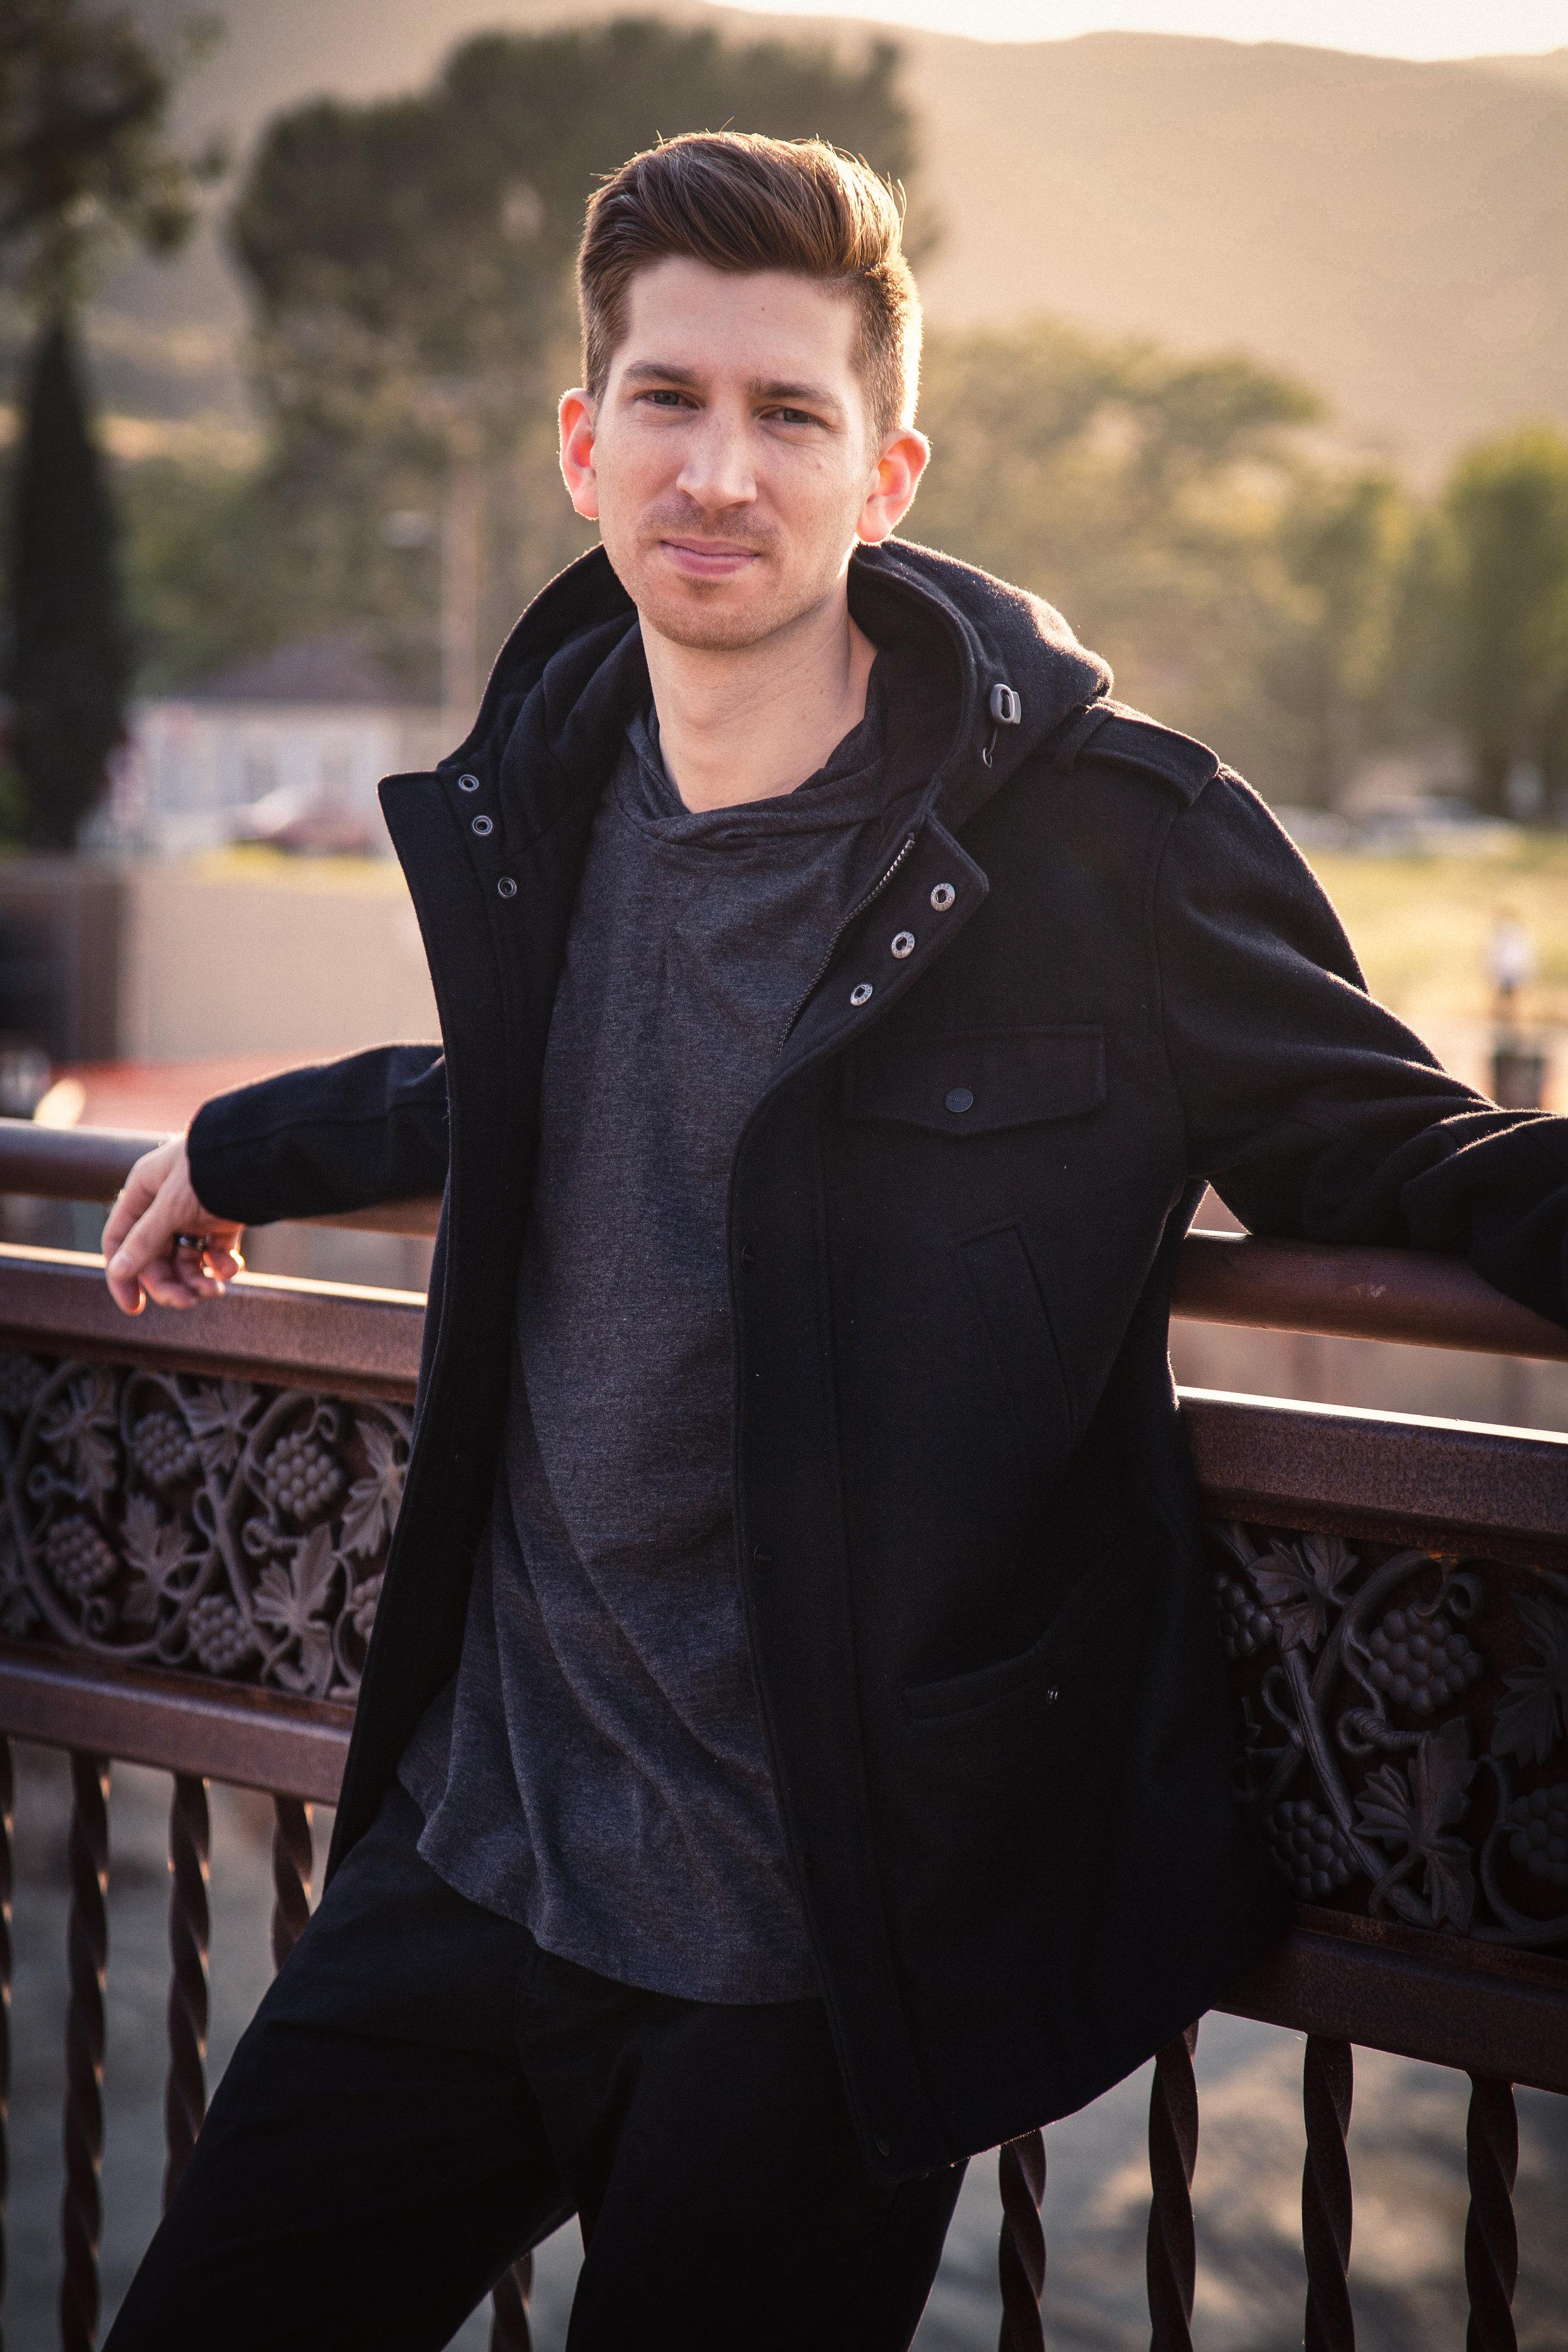 Ryan Waczek Music